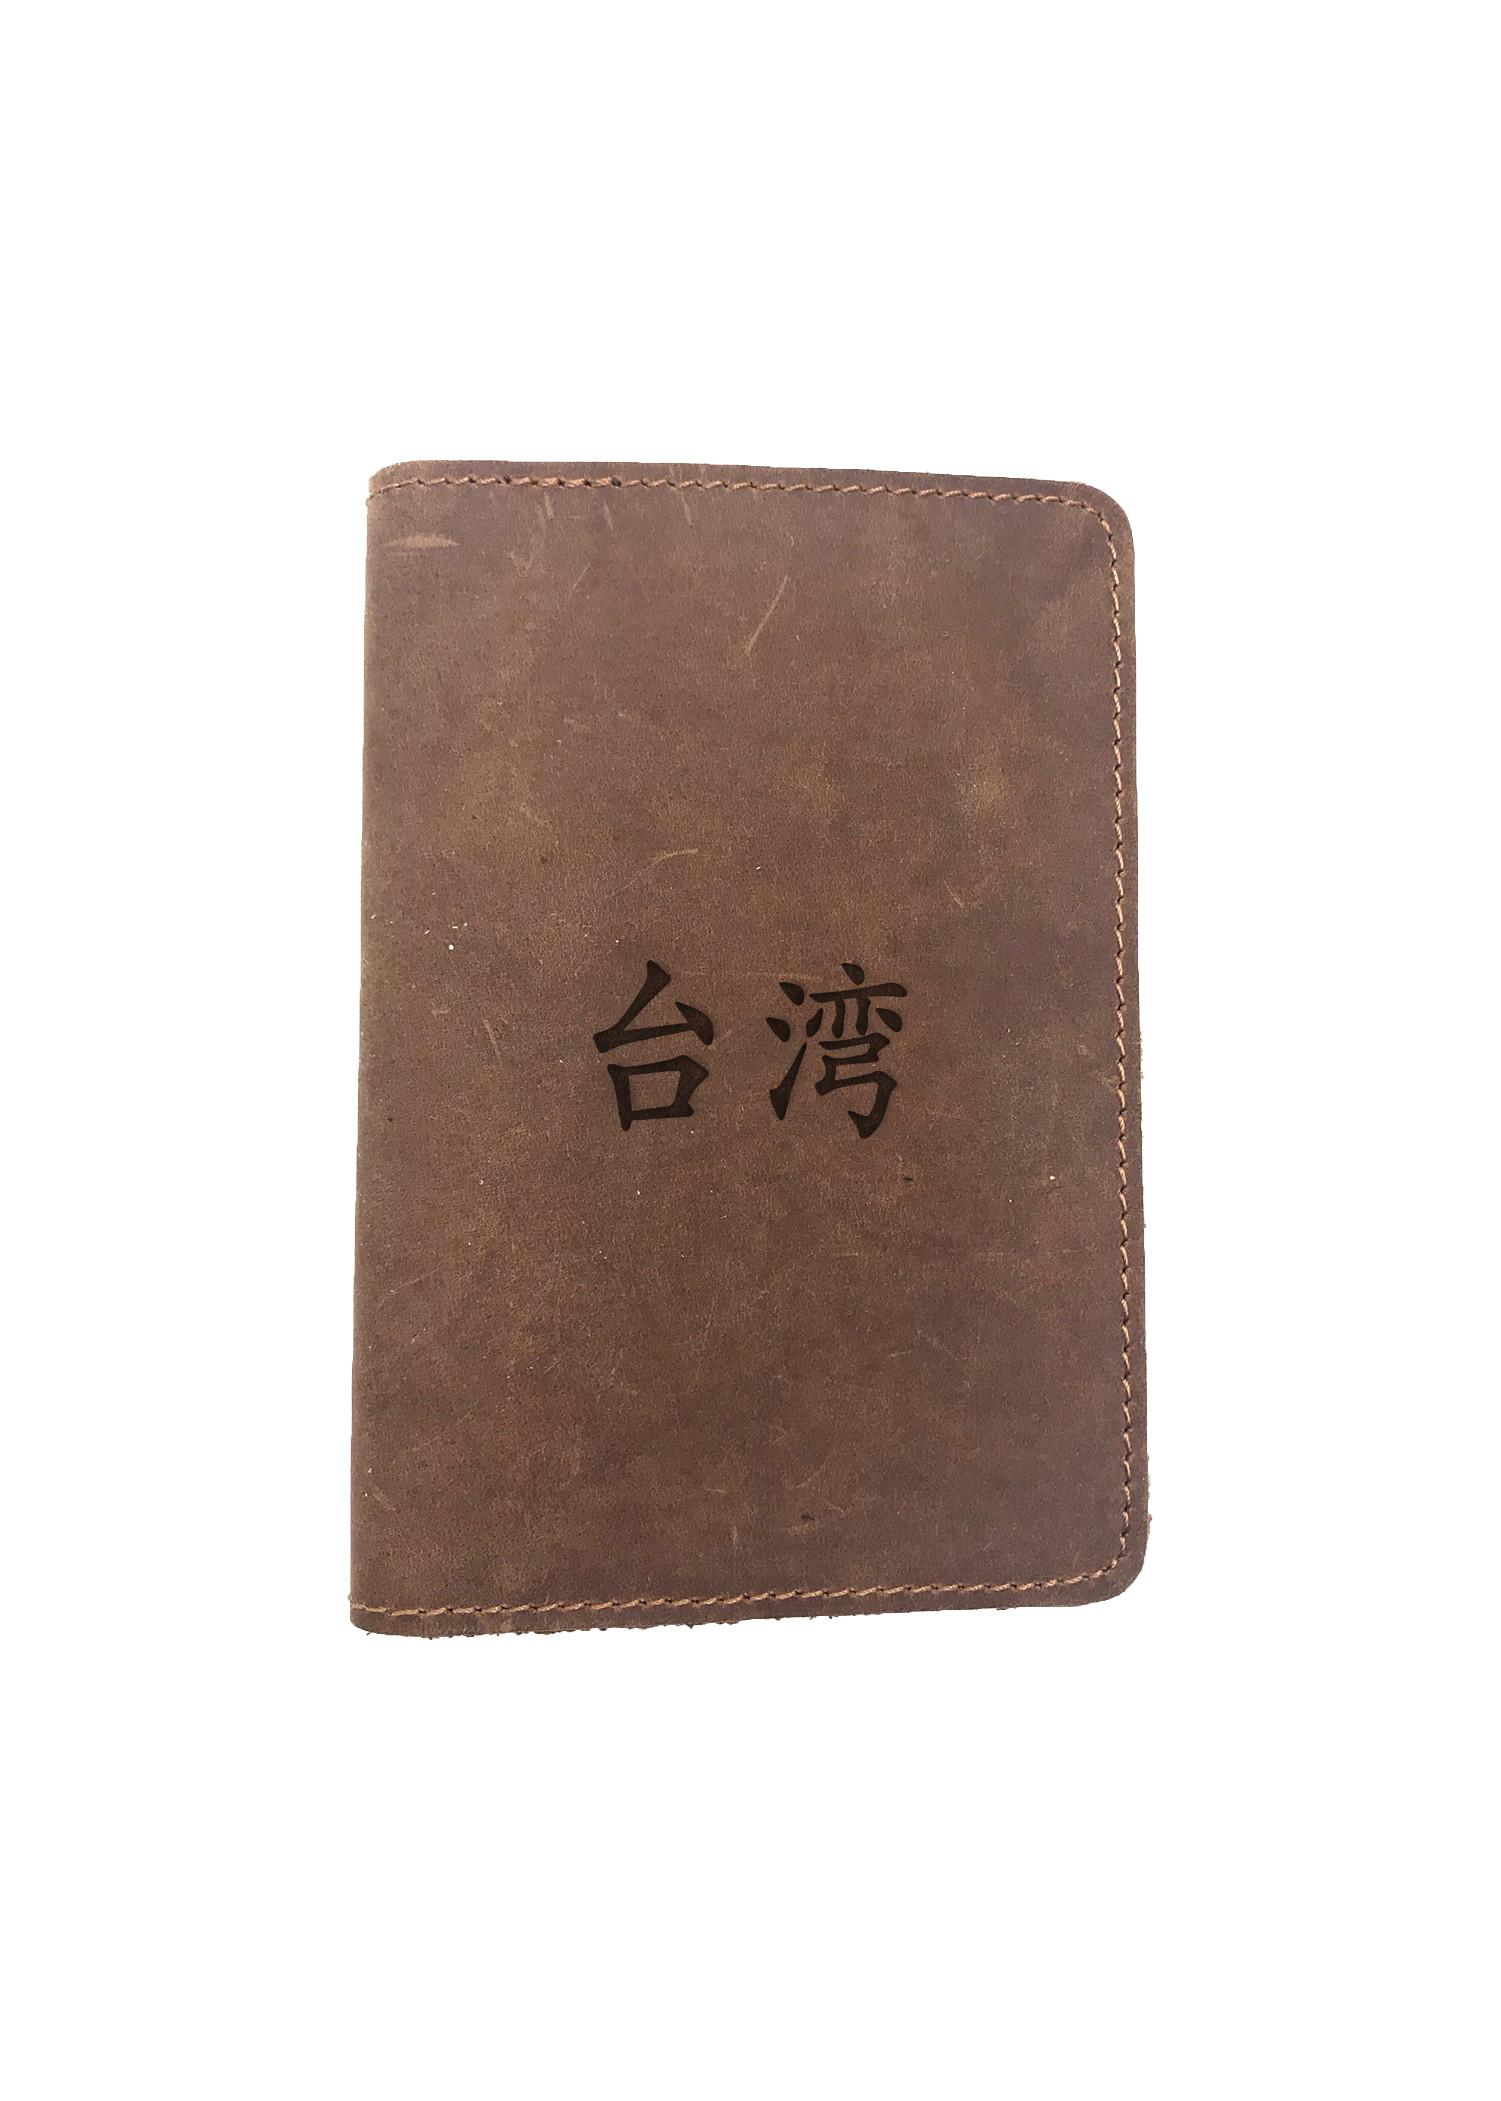 Passport Cover Bao Da Hộ Chiếu Da Sáp Khắc Hình Chữ Trung Quốc CHINESE CHARACTERS TAIWAN (BROWN)